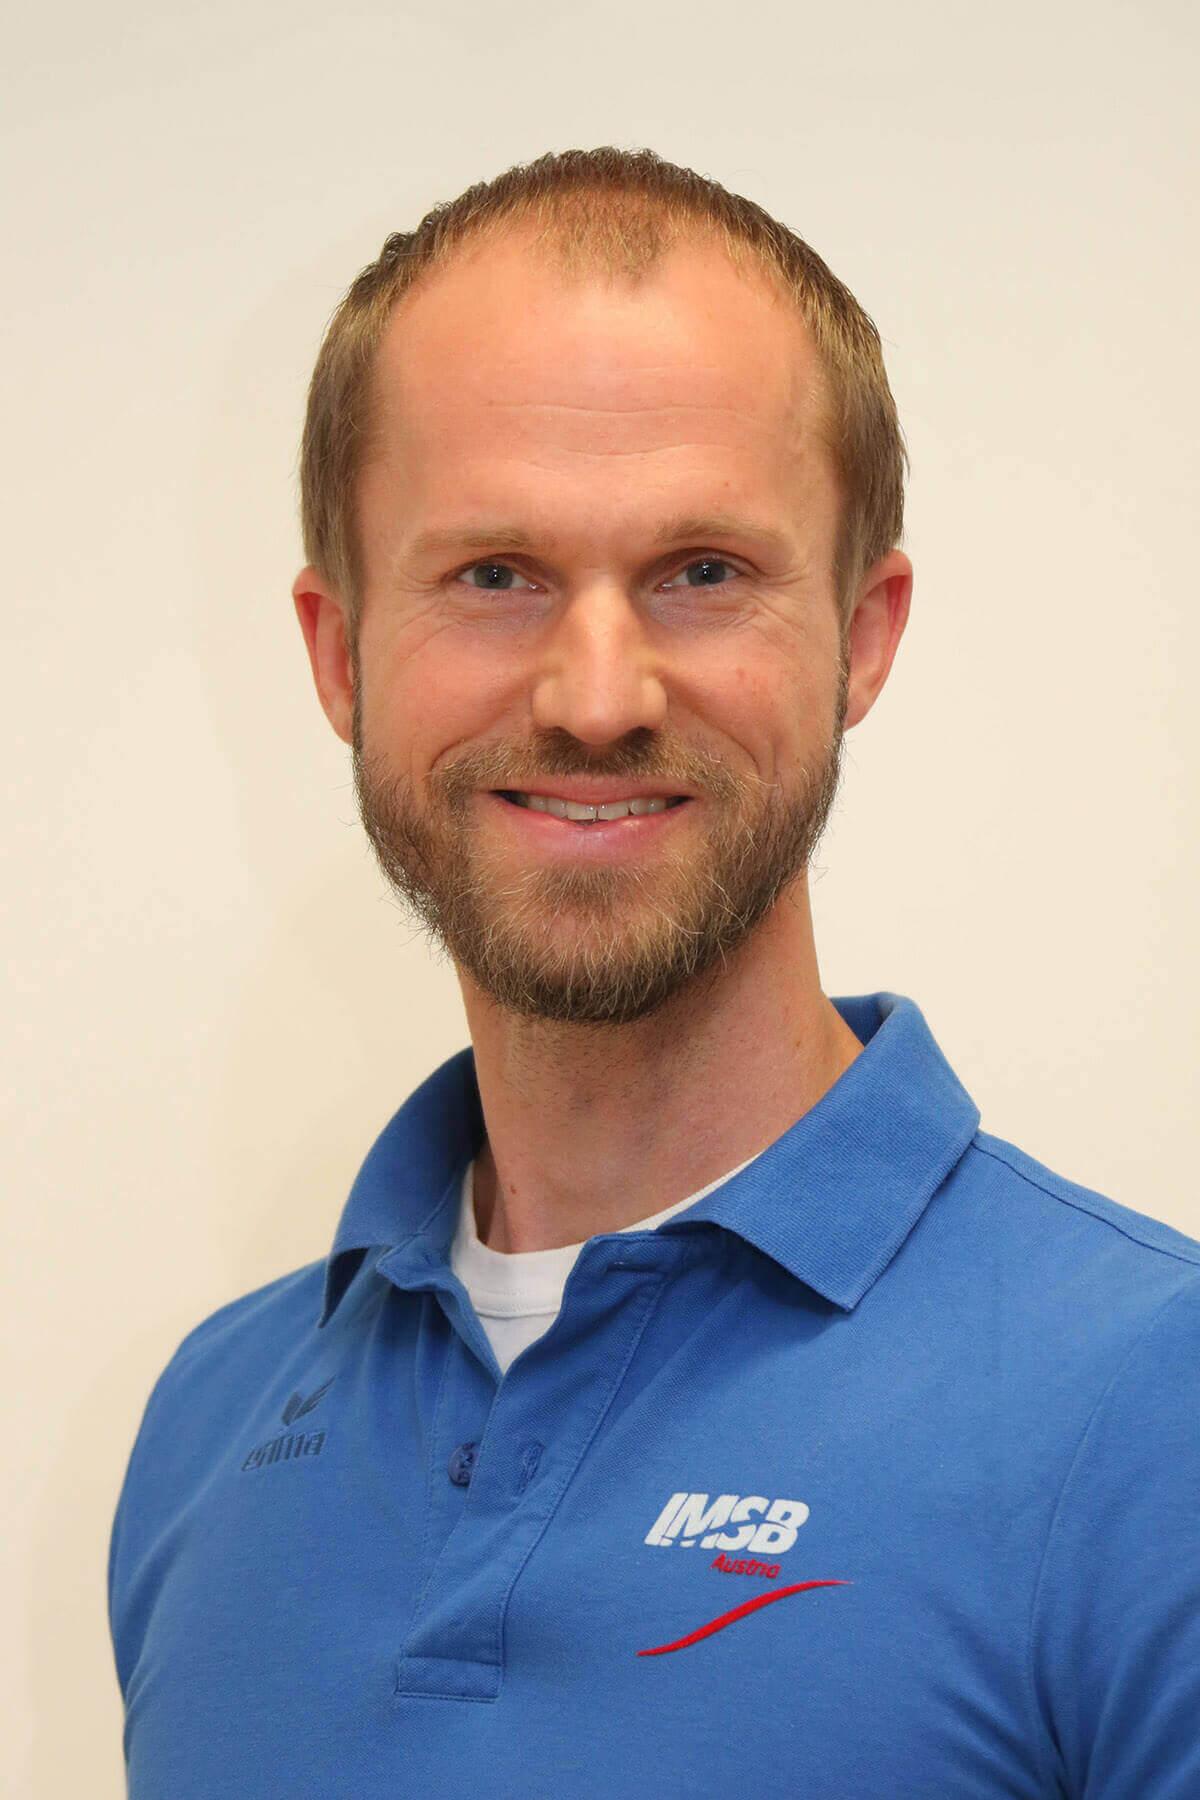 René Franz, nutricionista do IMSB da Áustria